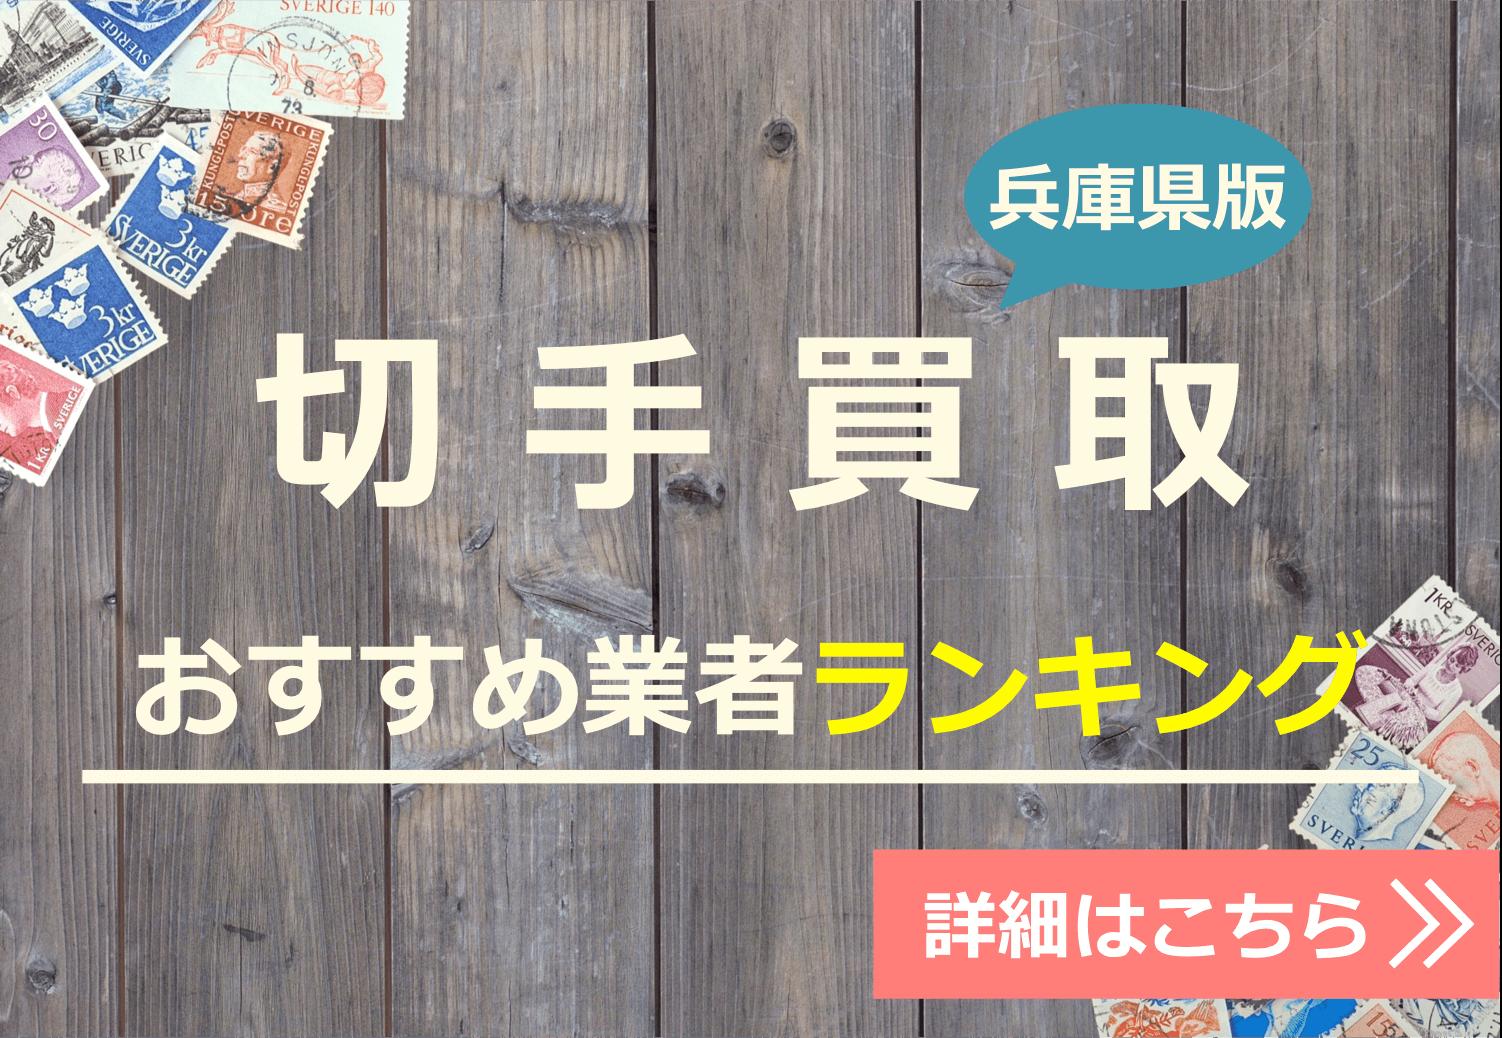 兵庫県の切手買取業者おすすめランキングナビゲーション